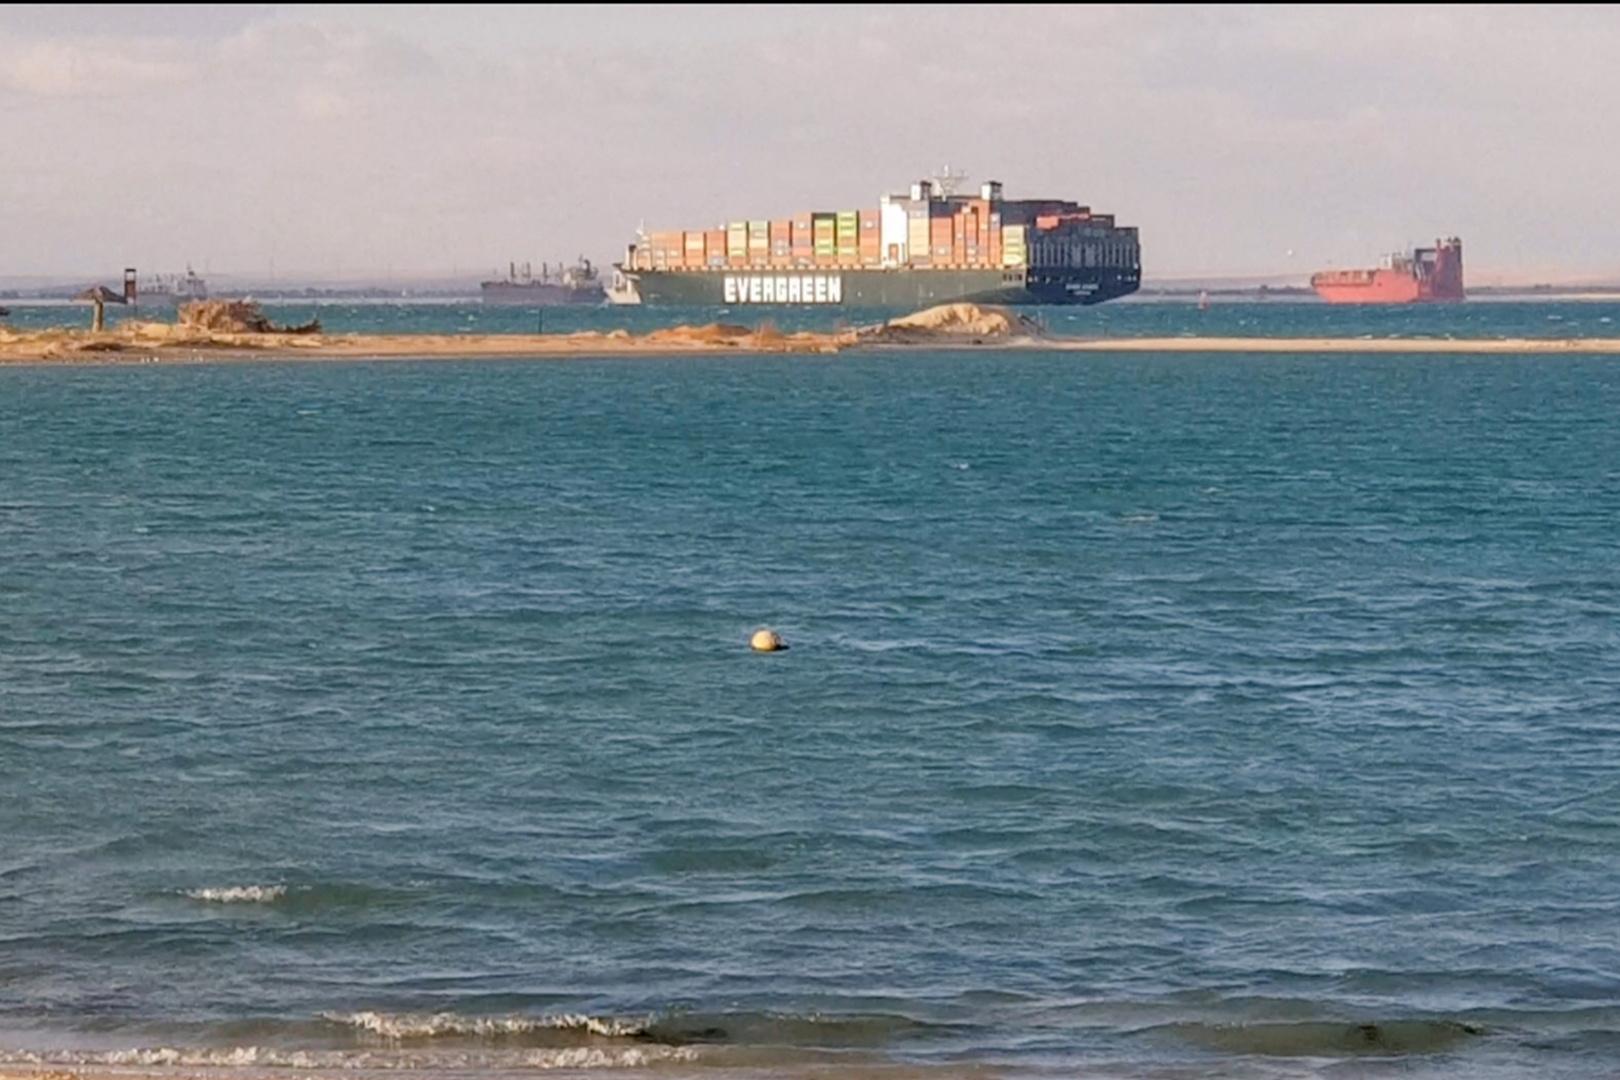 هيئة قناة السويس تعلن التحفظ رسميا على سفينة